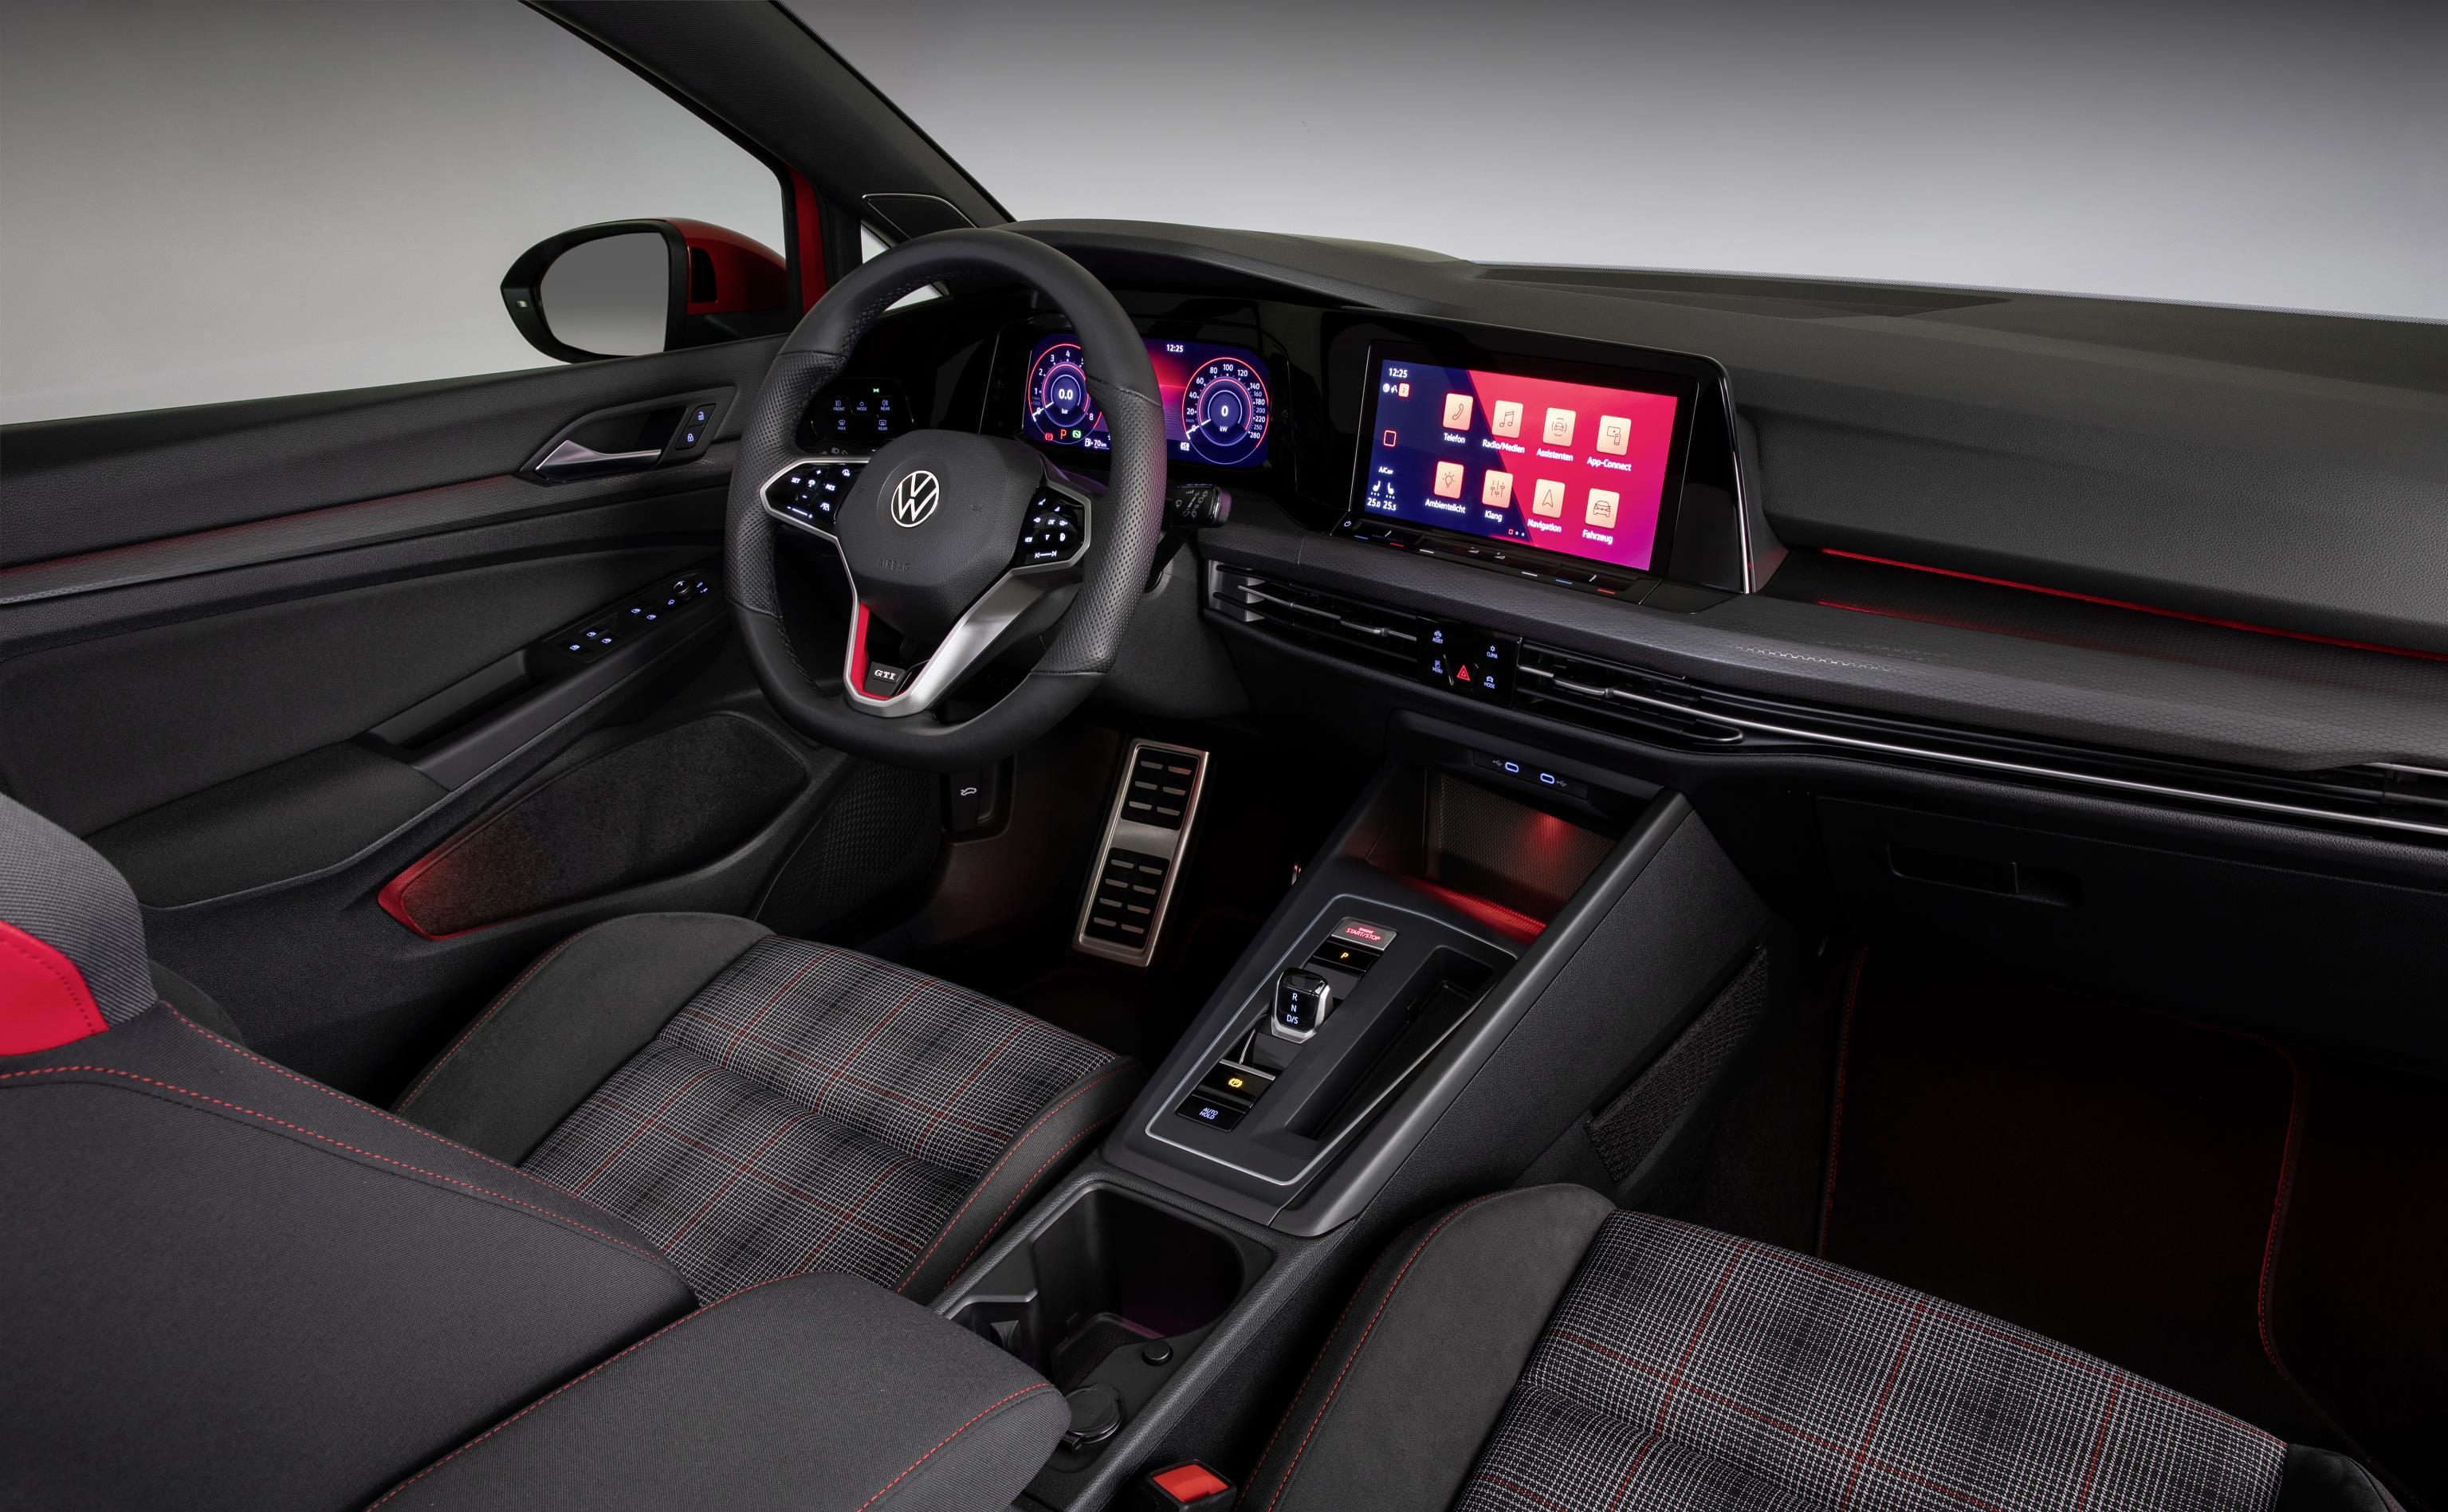 Golf GTI mantém os tradicionais bancos com revestimento xadrez e iluminação ambiente